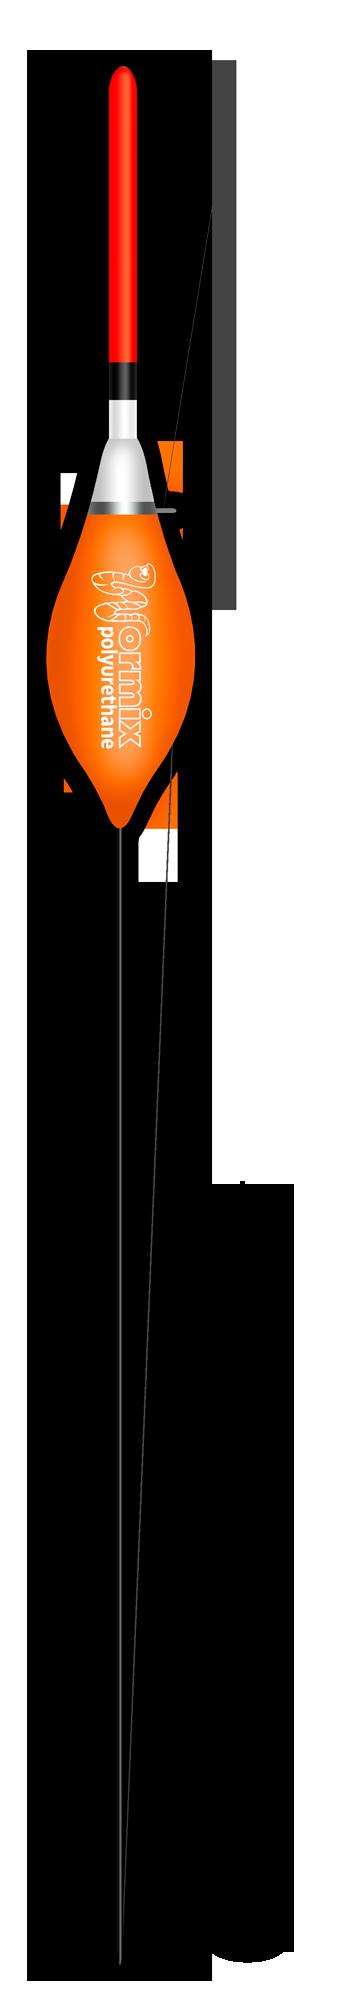 Поплавок Wormix полиуретановый 810 - 3 гр